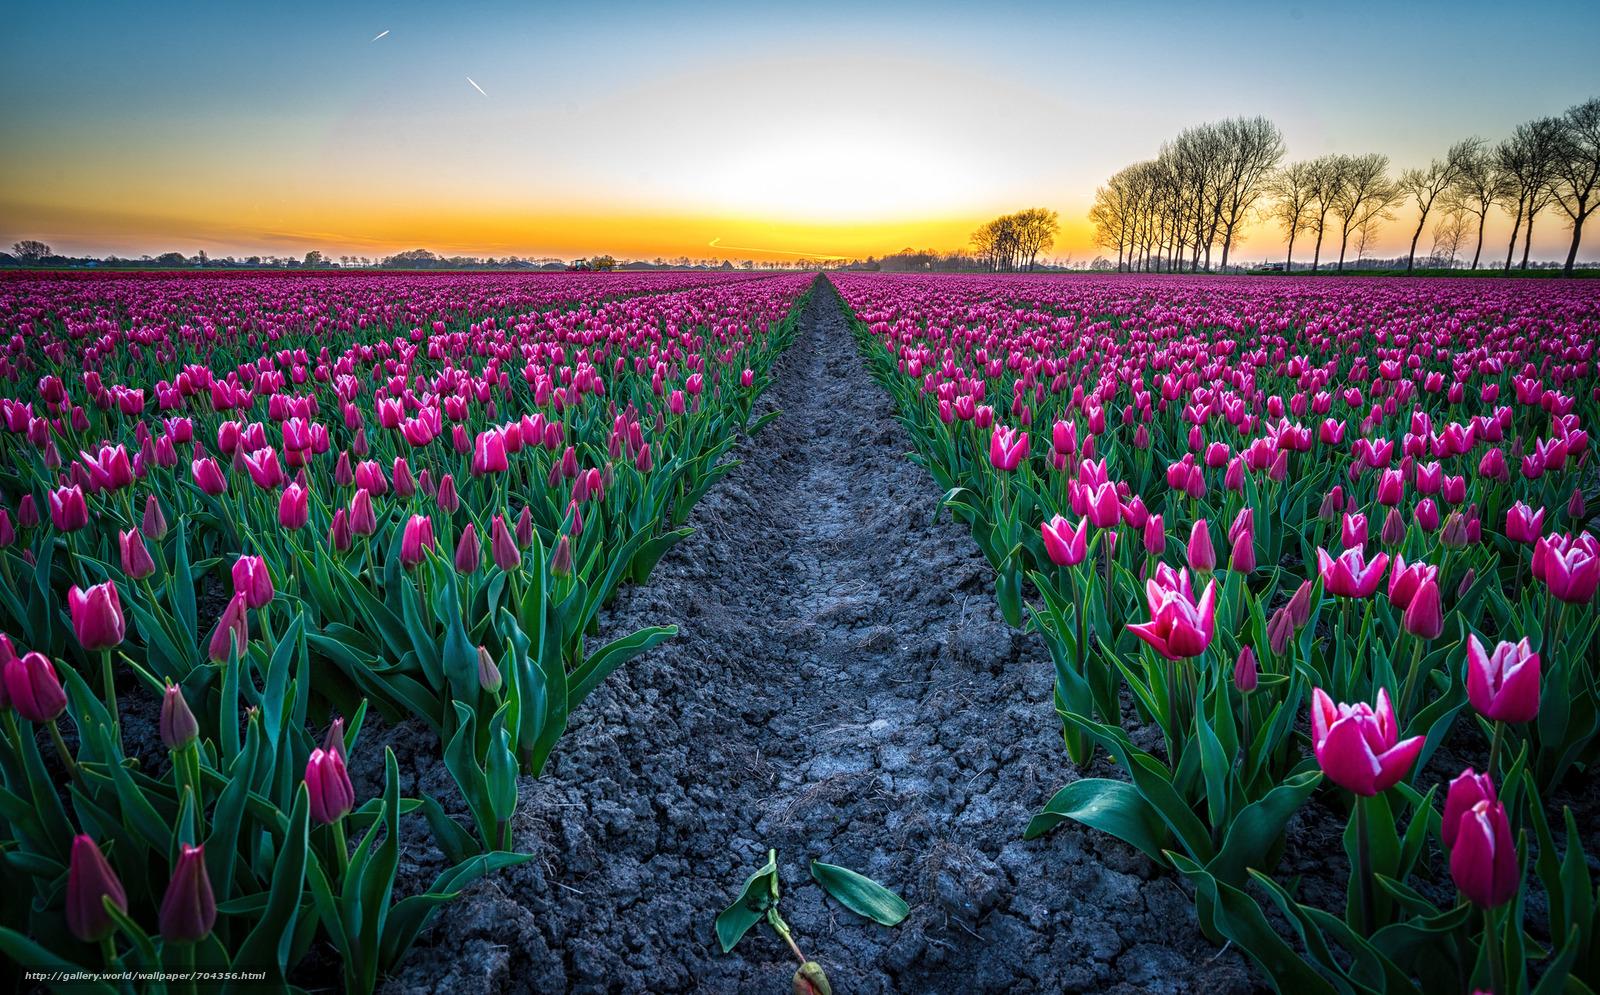 Сеять тюльпаны — к множеству мелких проблем; есть тюльпаны — рискуете потерять авторитет и уважение среди сослуживцев соседей.